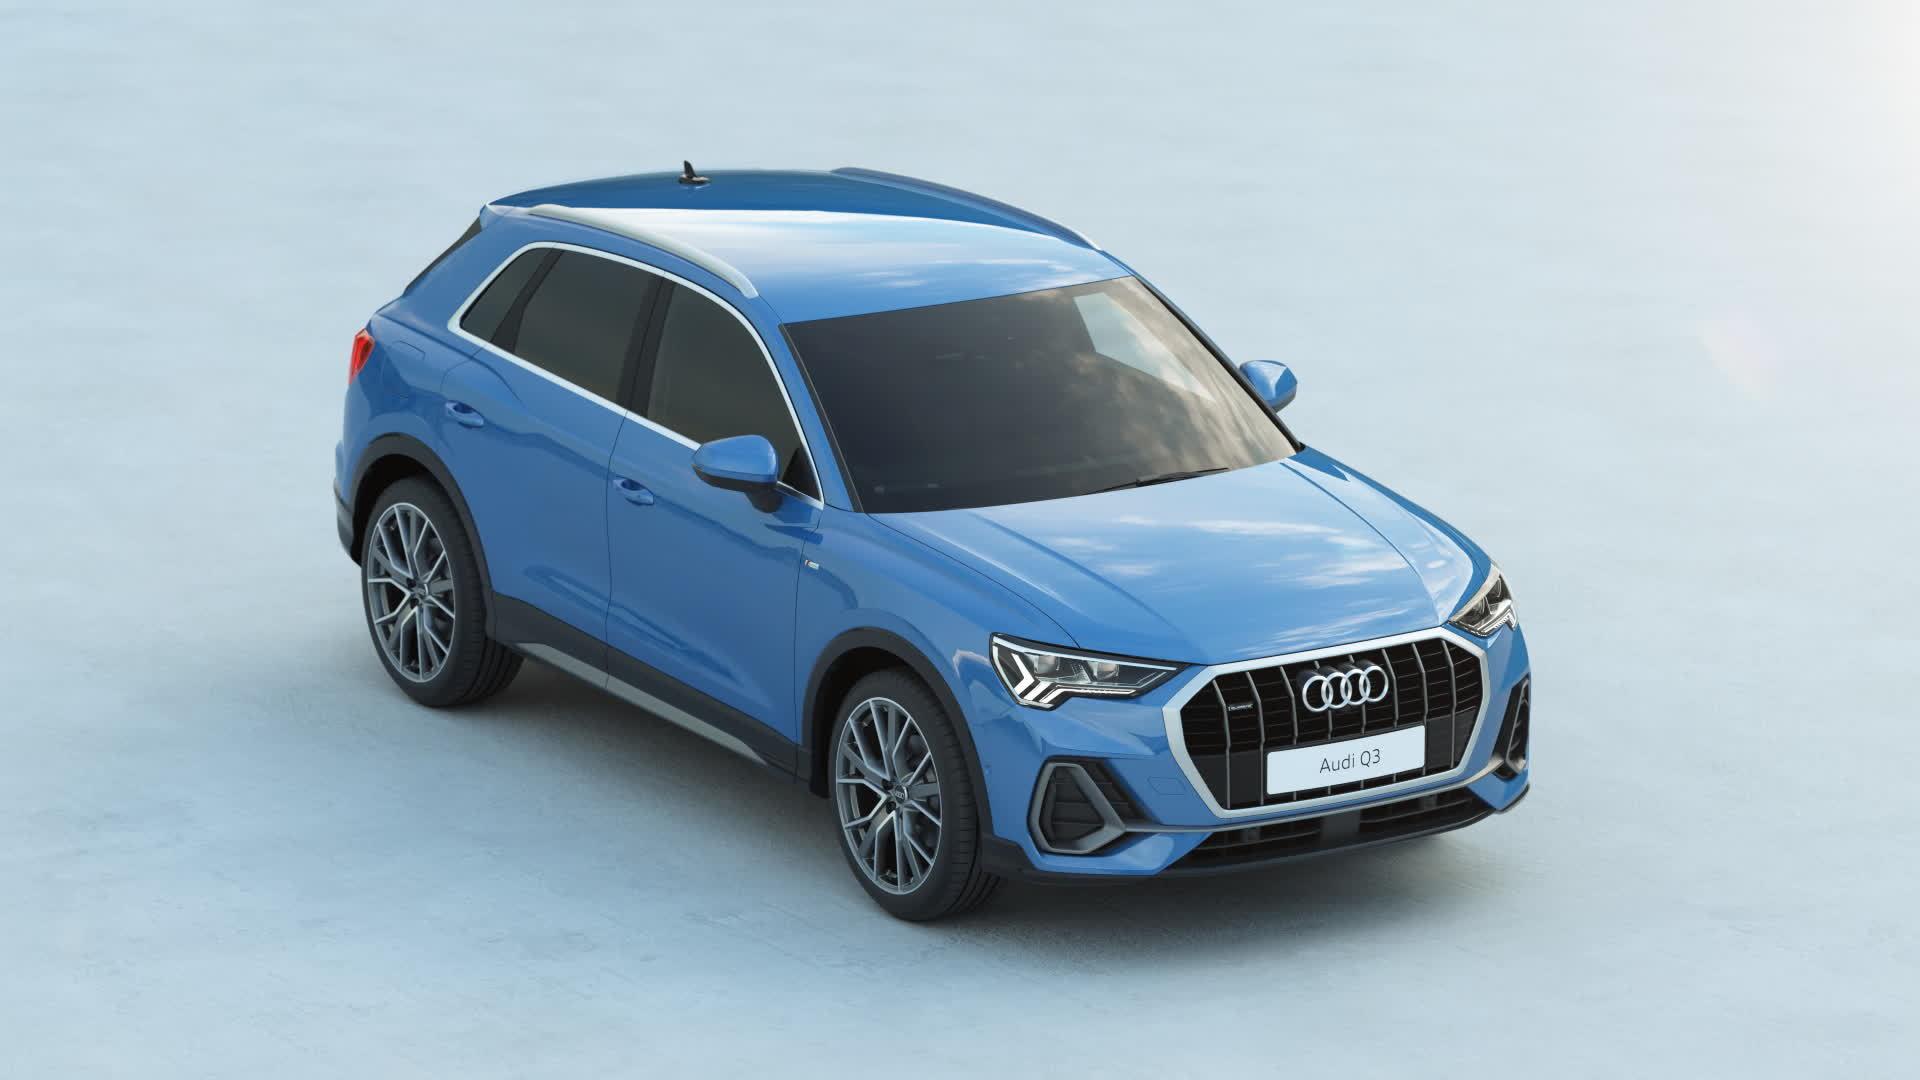 Audi Q3 exterior design (Animation)